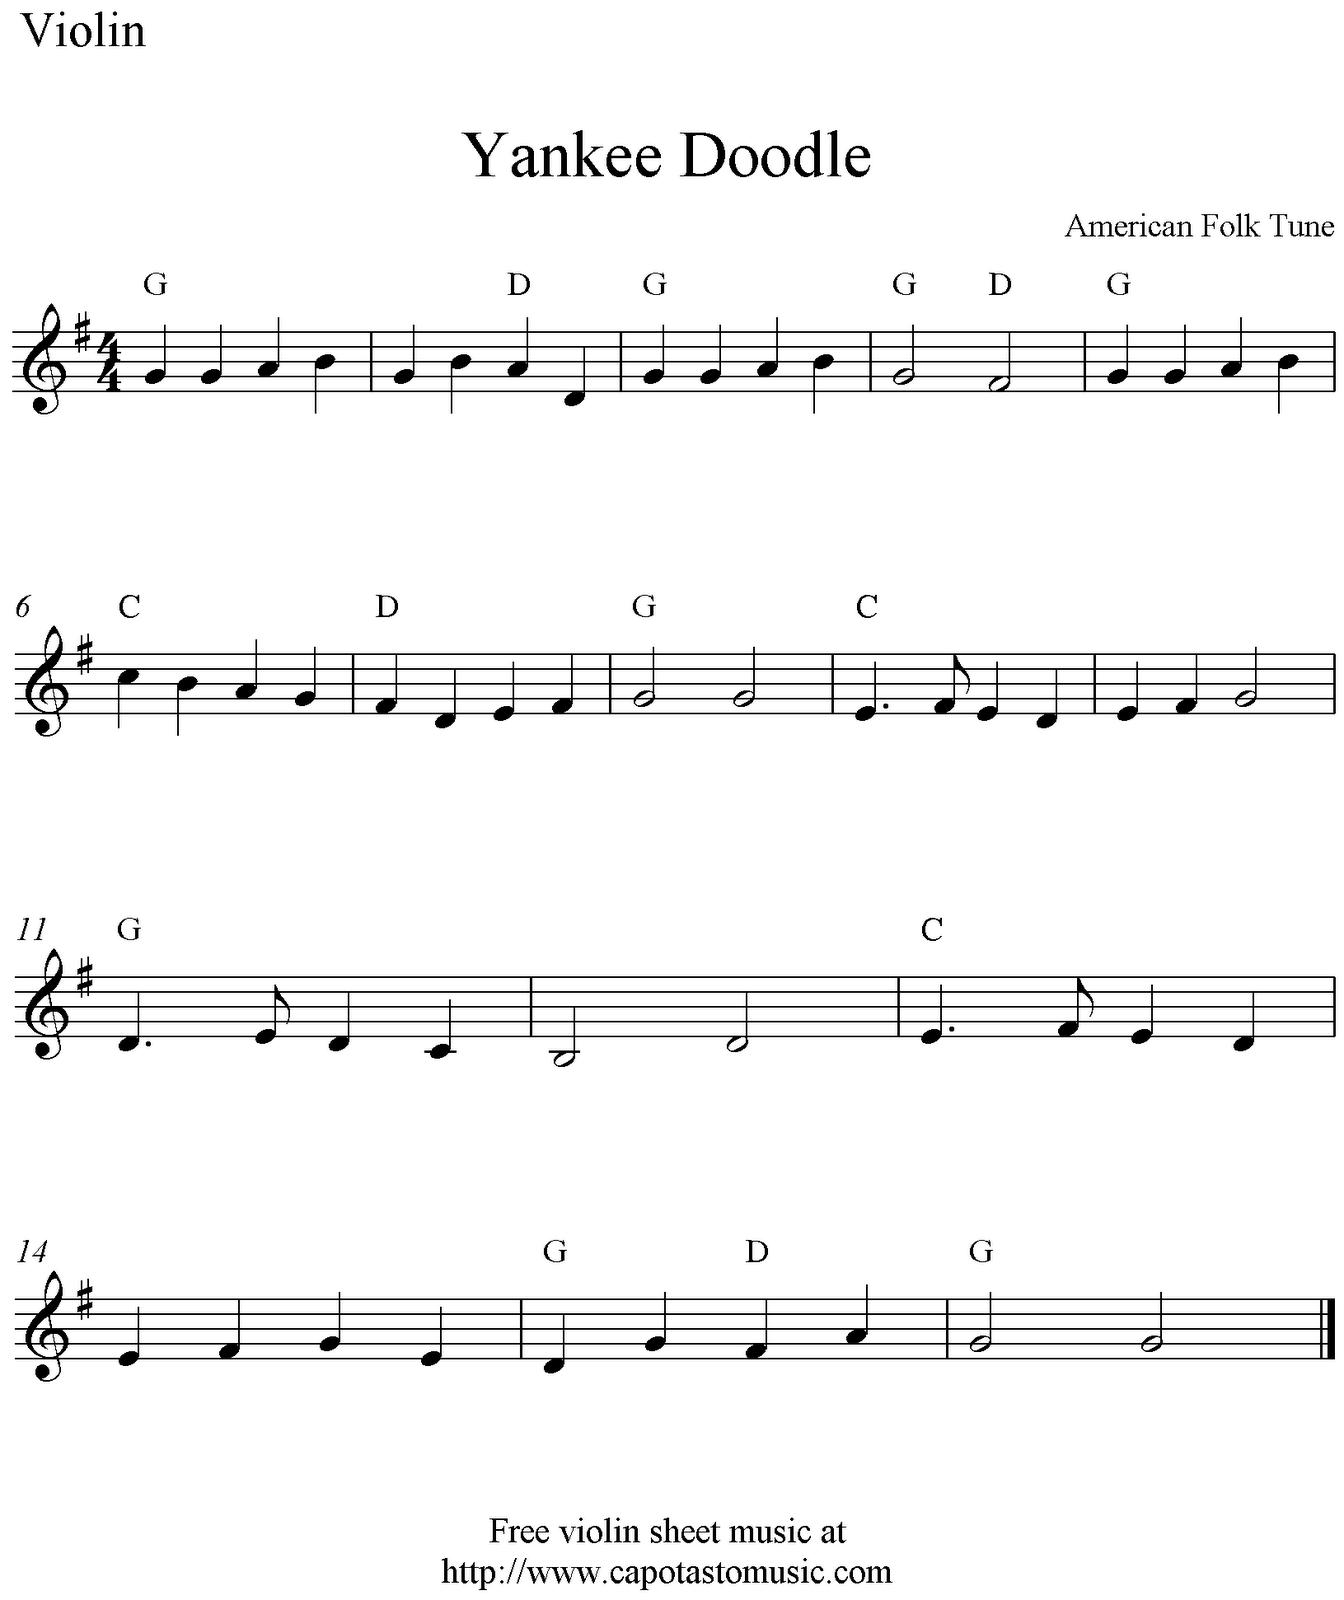 Free Sheet Music Scores Yankee Doodle Free Violin Sheet